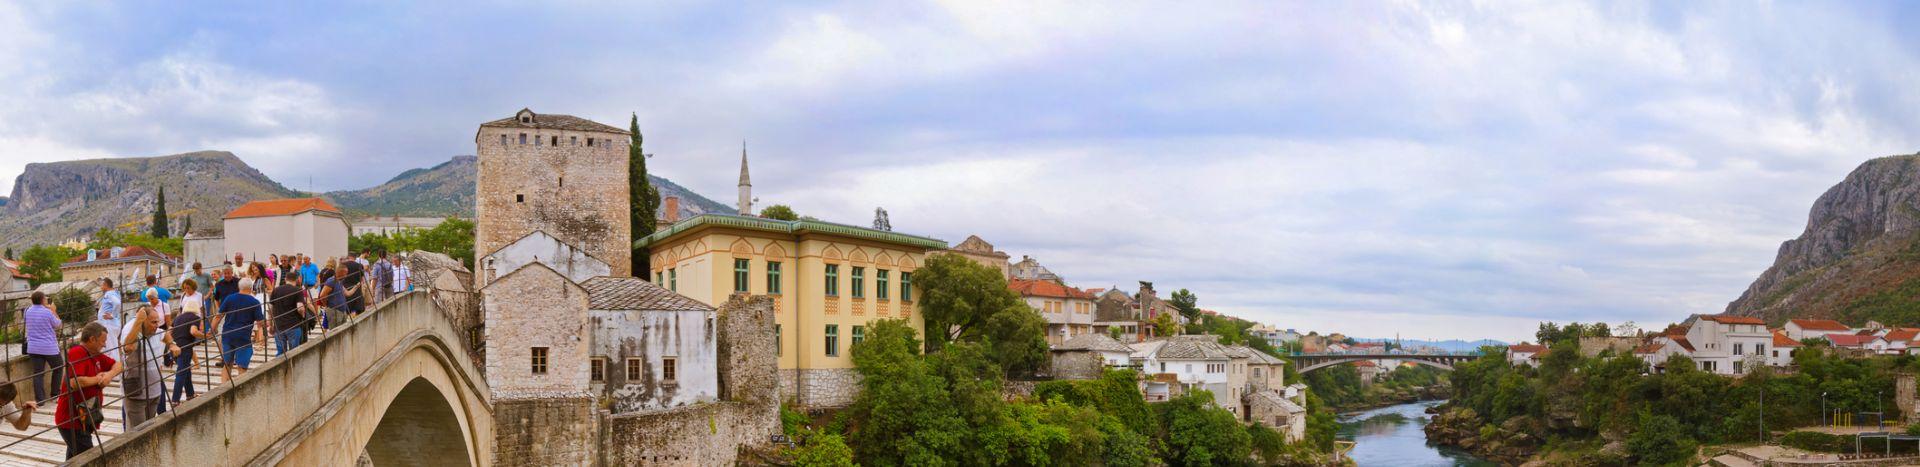 טיול מאורגן למונטנגרו ובוסניה כולל העיר סרייבו ושמורות הטבע בפסגות הרי הבלקן